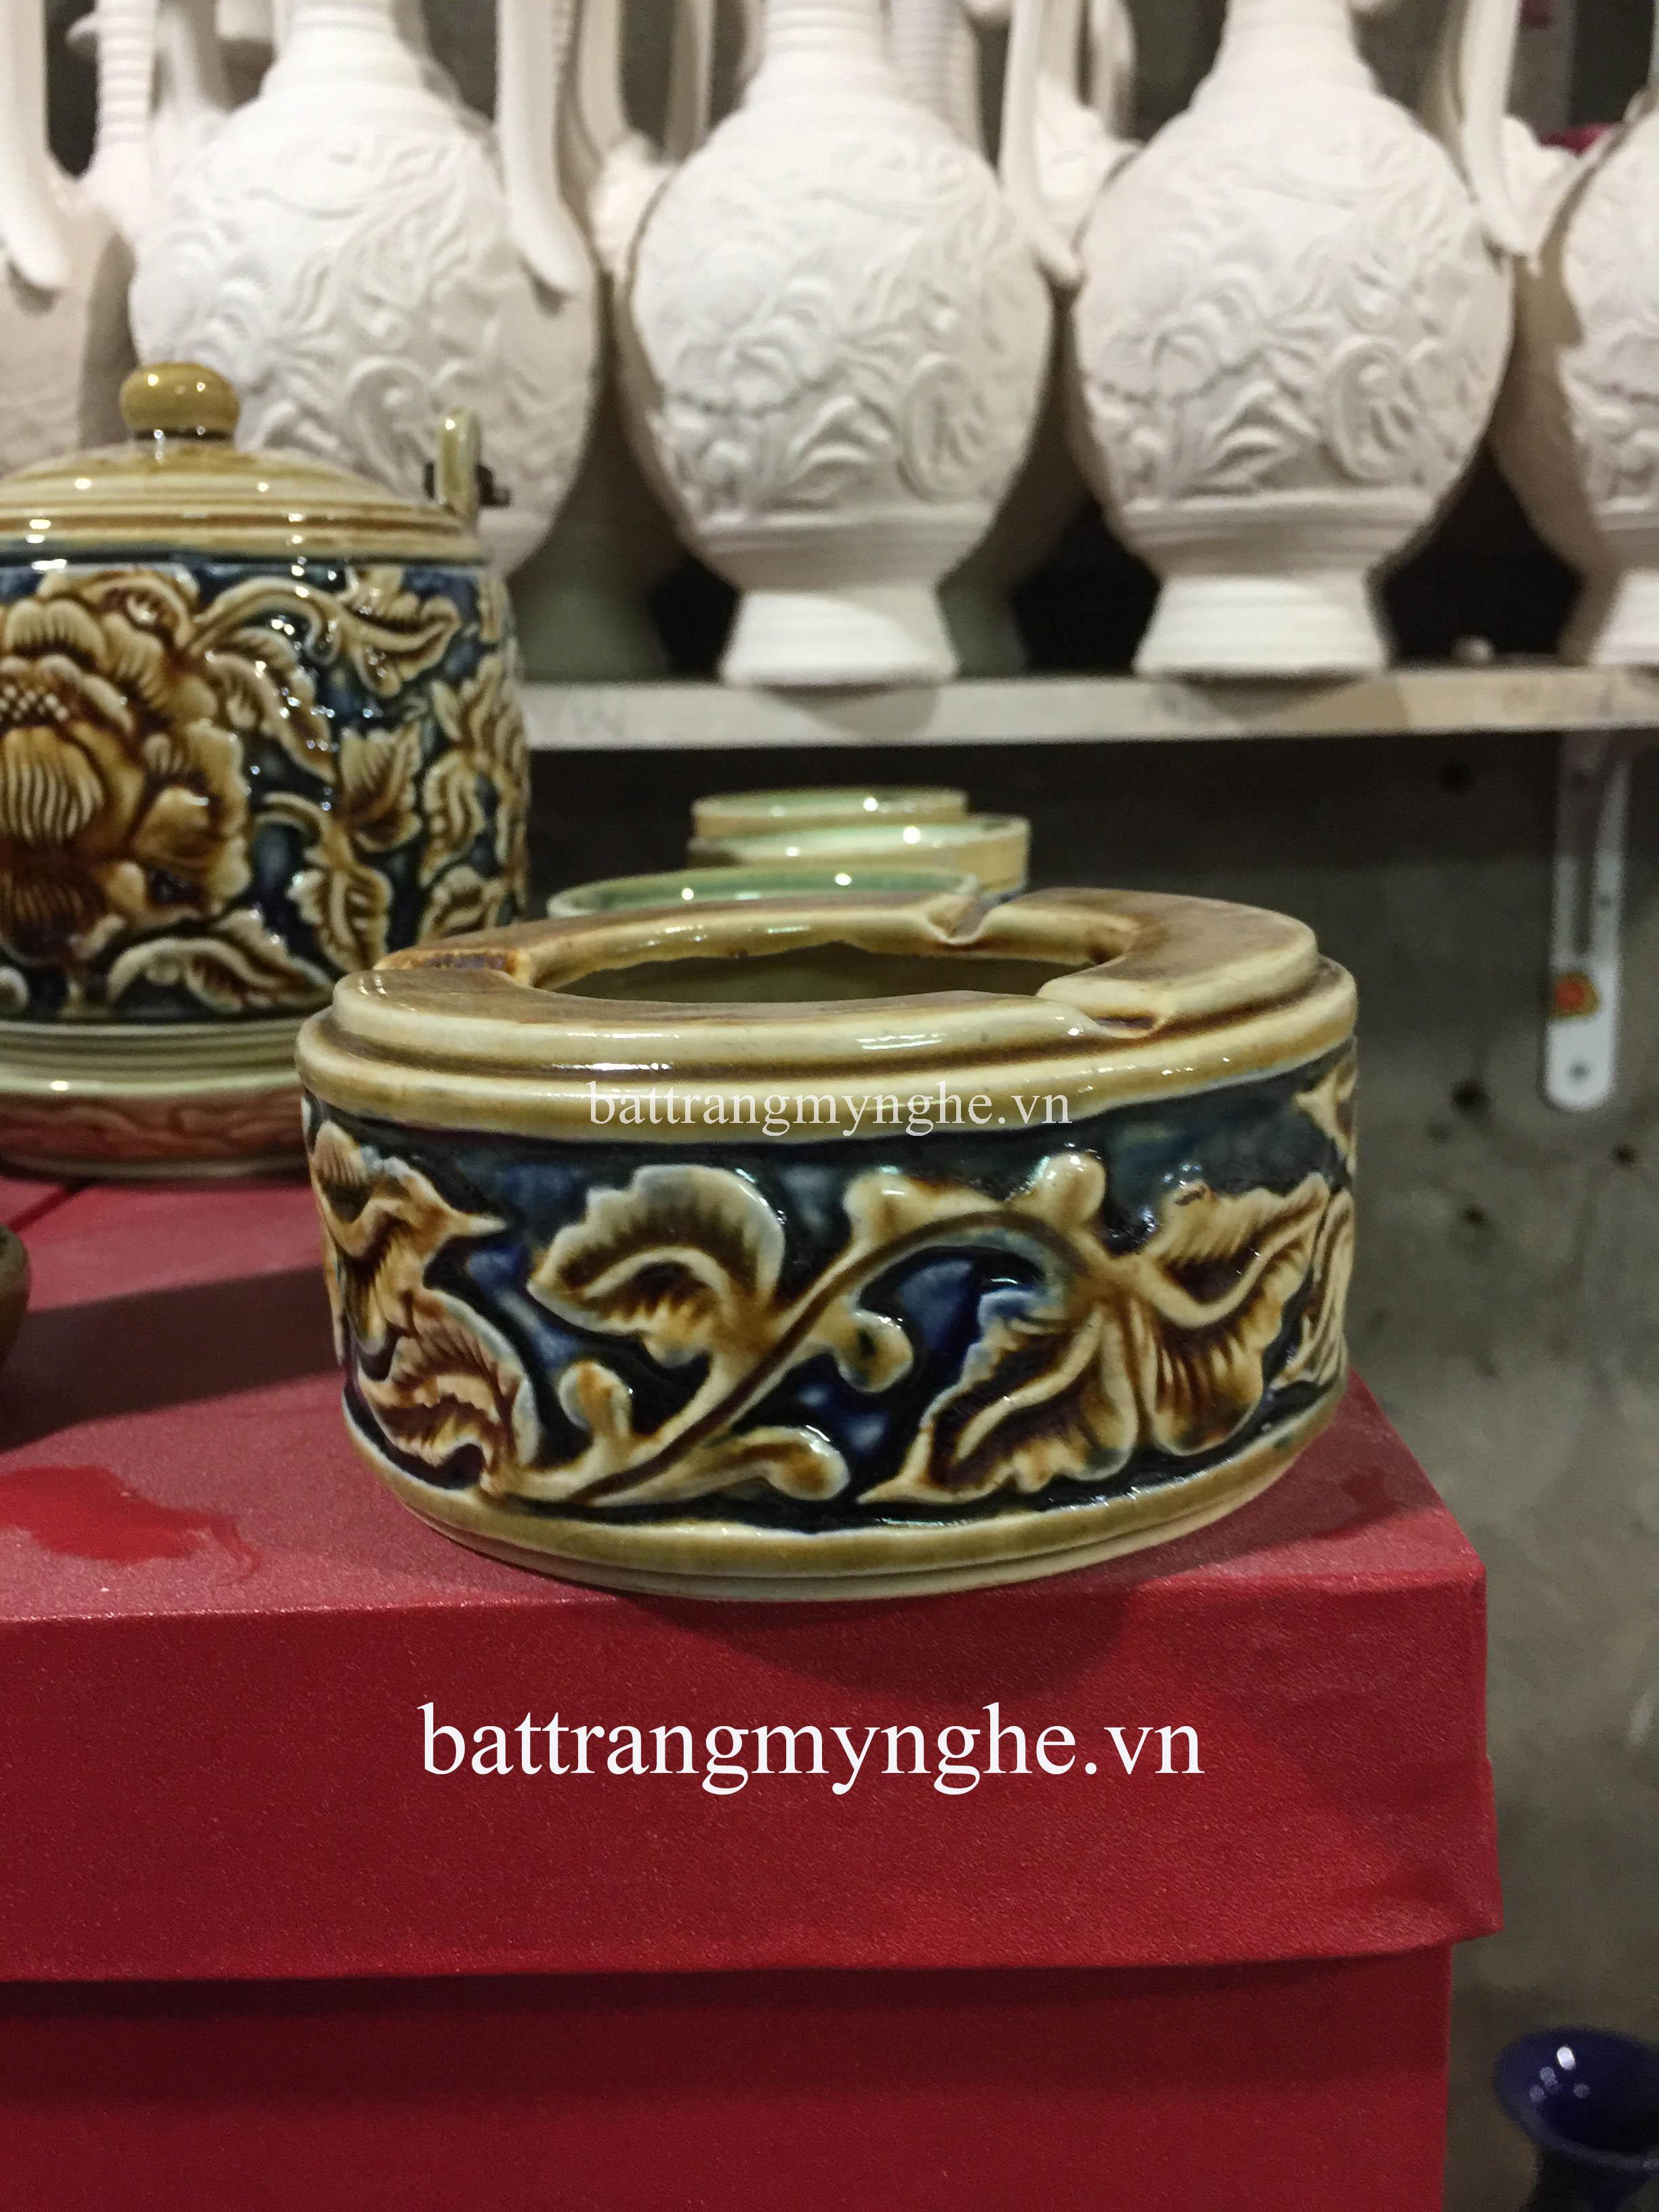 Bộ ấm trà quai vuông và phụ kiện khắc nổi hoa phù dung vàng